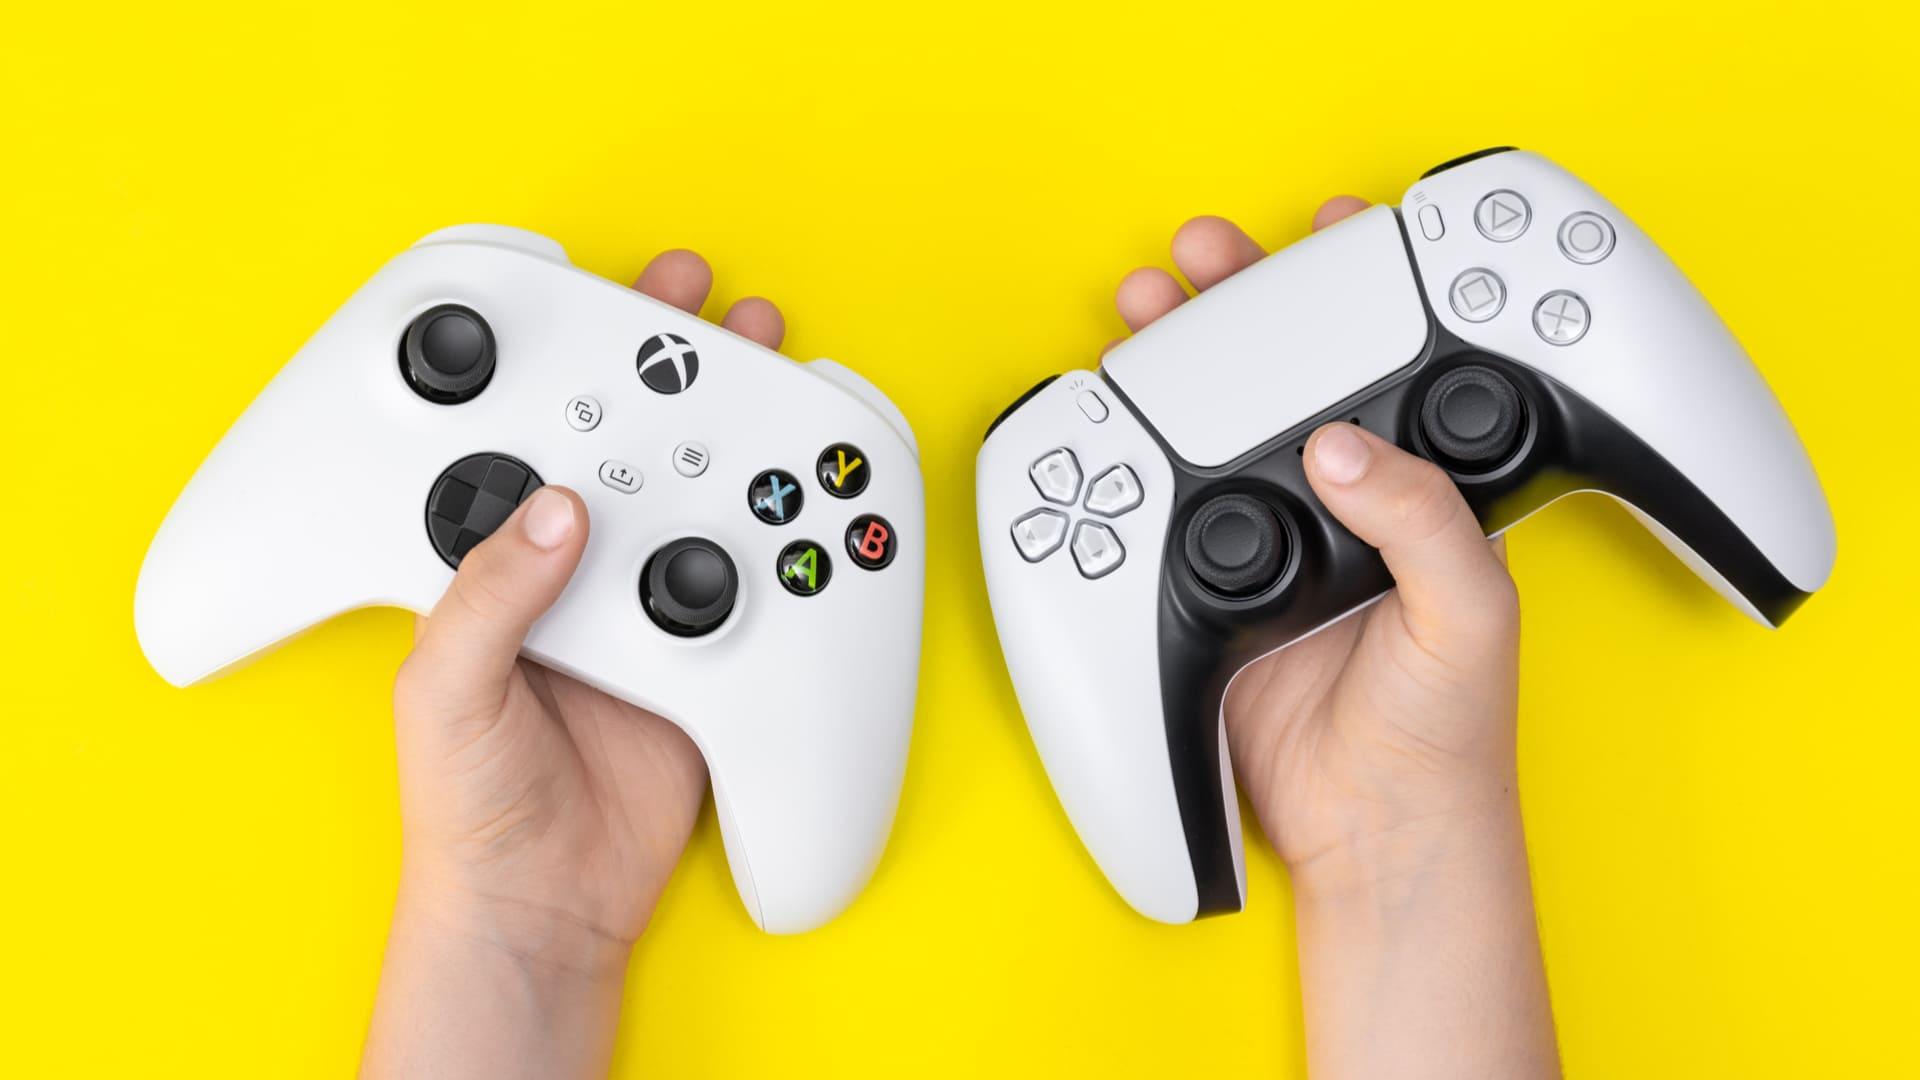 Baixar Spotify no seu console de videogame, seja ele Playstation ou XBox, é possível (Foto: Barone Firenze / Shutterstock)